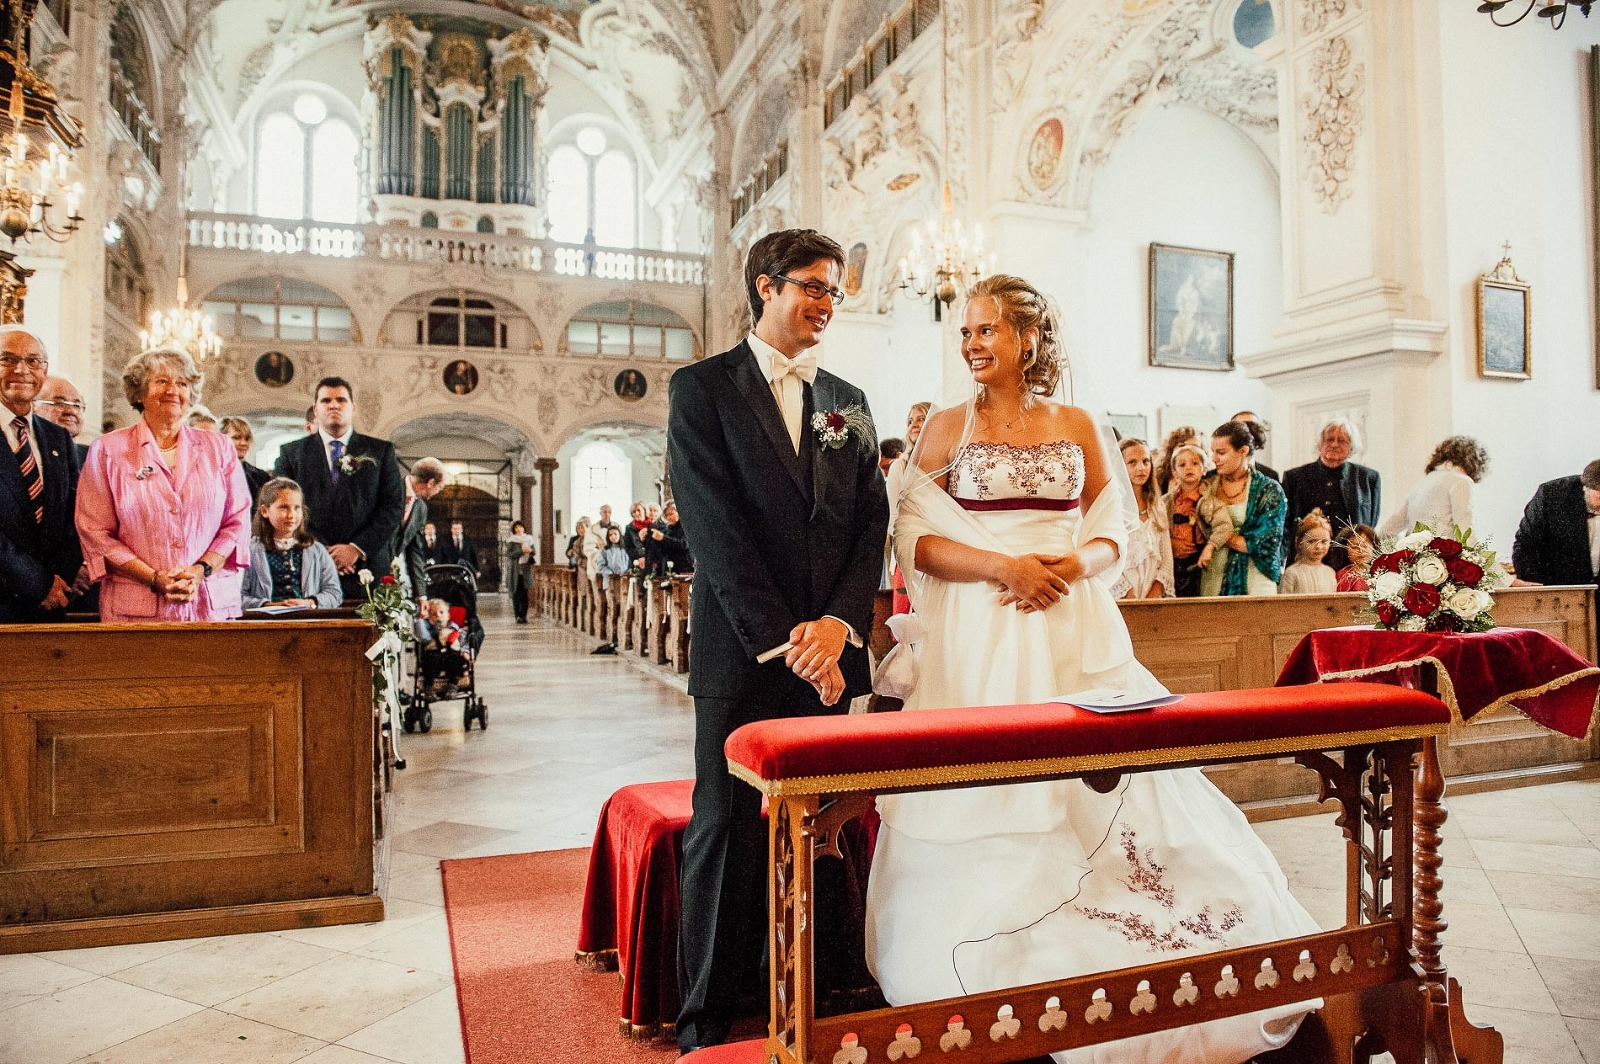 Hochzeitsfotograf aus München, Trauung in Klosterkirche Benediktbeuern